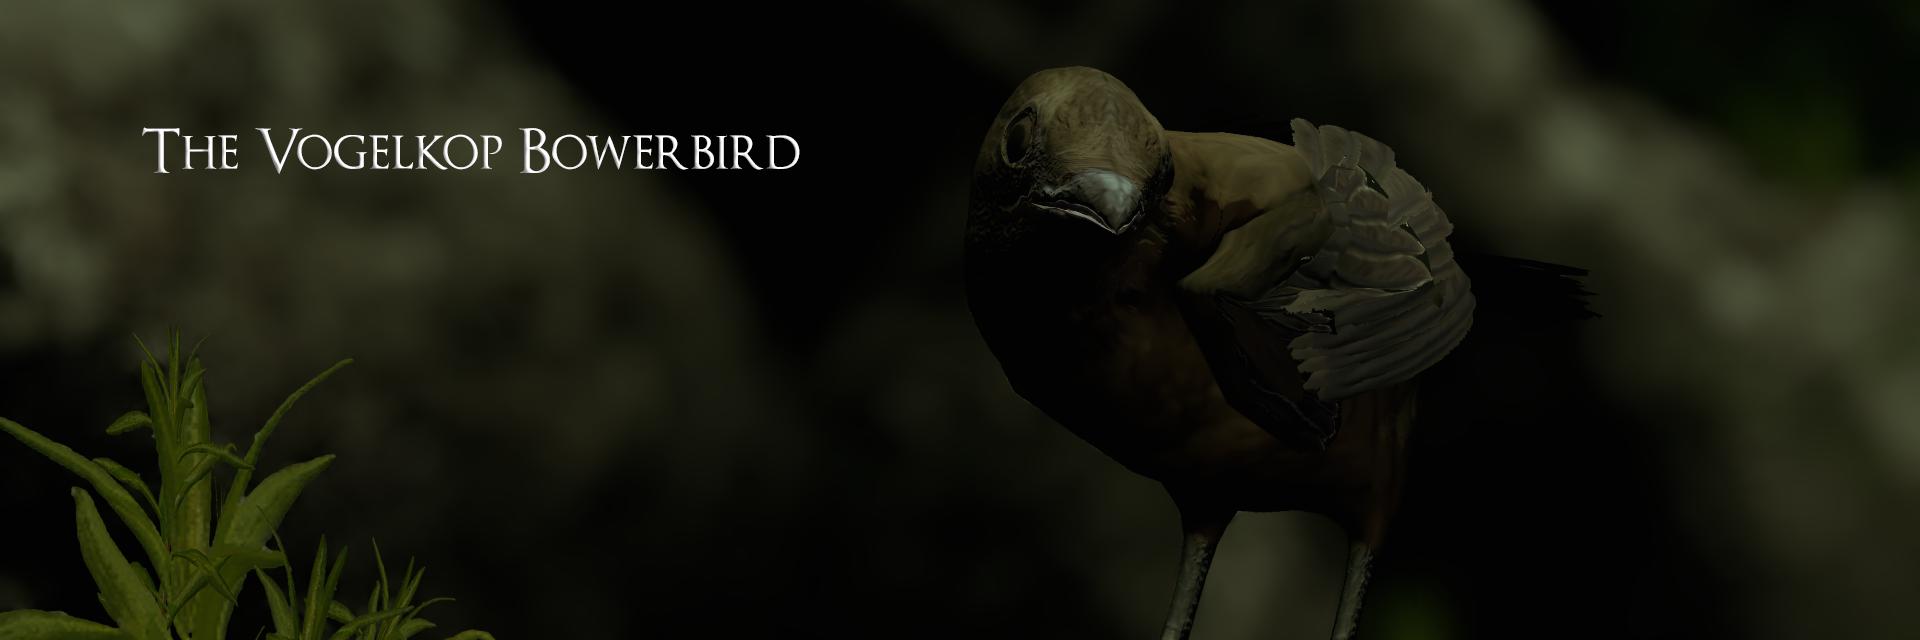 The Vogelkop Bowerbird